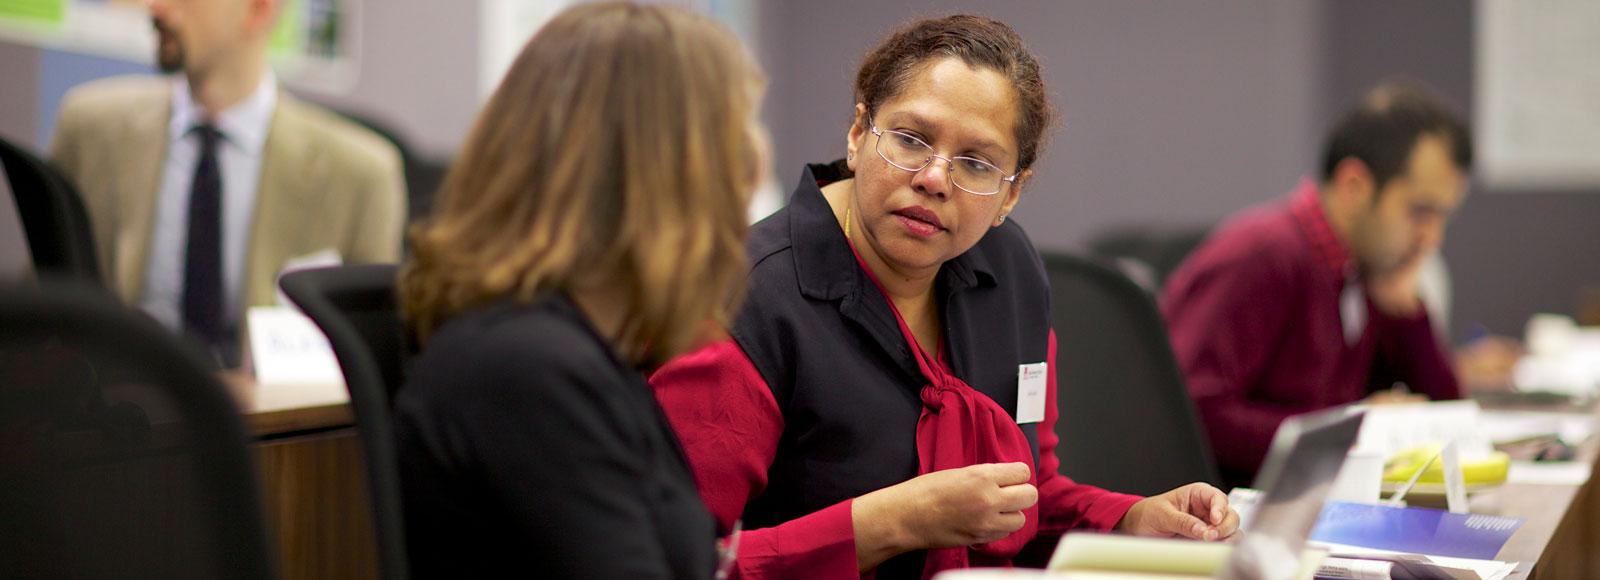 Two women speaking in a seminar